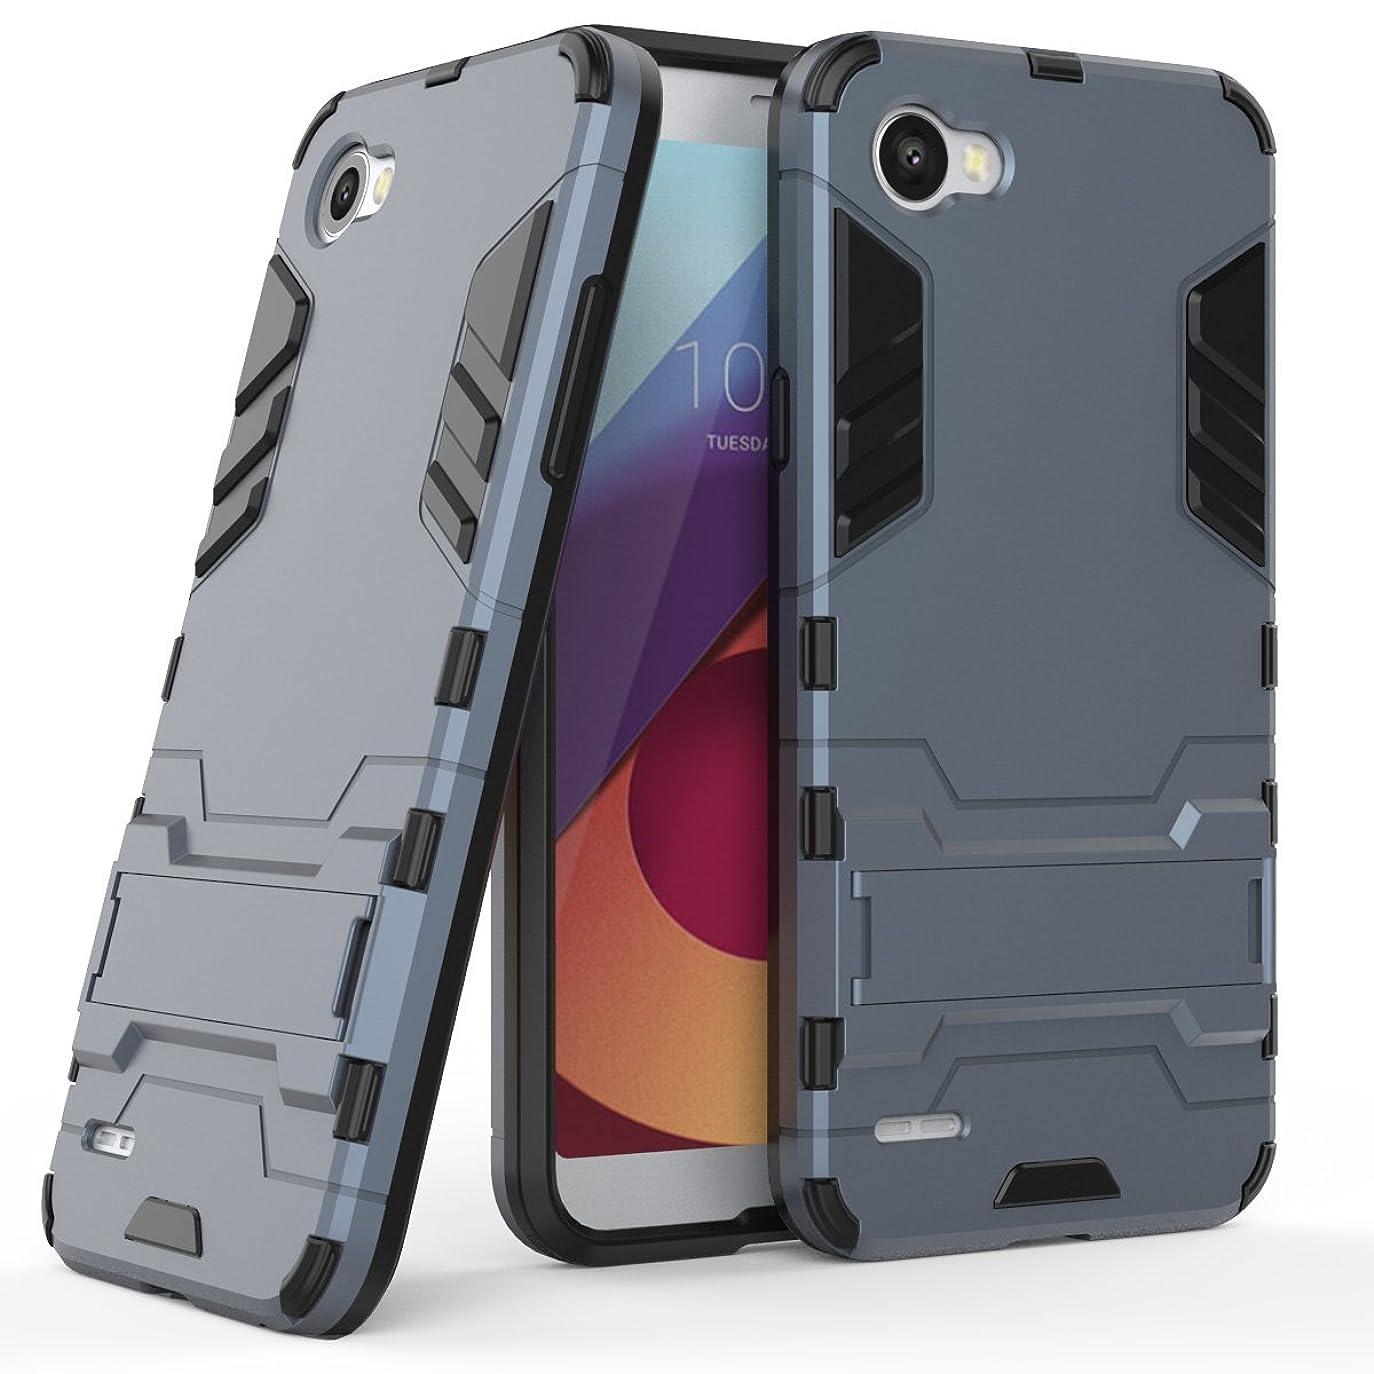 エンドテーブルブロックハンサムOugger LG Q6 / M700N / M700A カバー ケース エクストリーム保護 衝撃吸収性 [スタンド] 鎧 硬い PC + ソフト TPU 緩衝ゴム 2in1 カバー (黒)